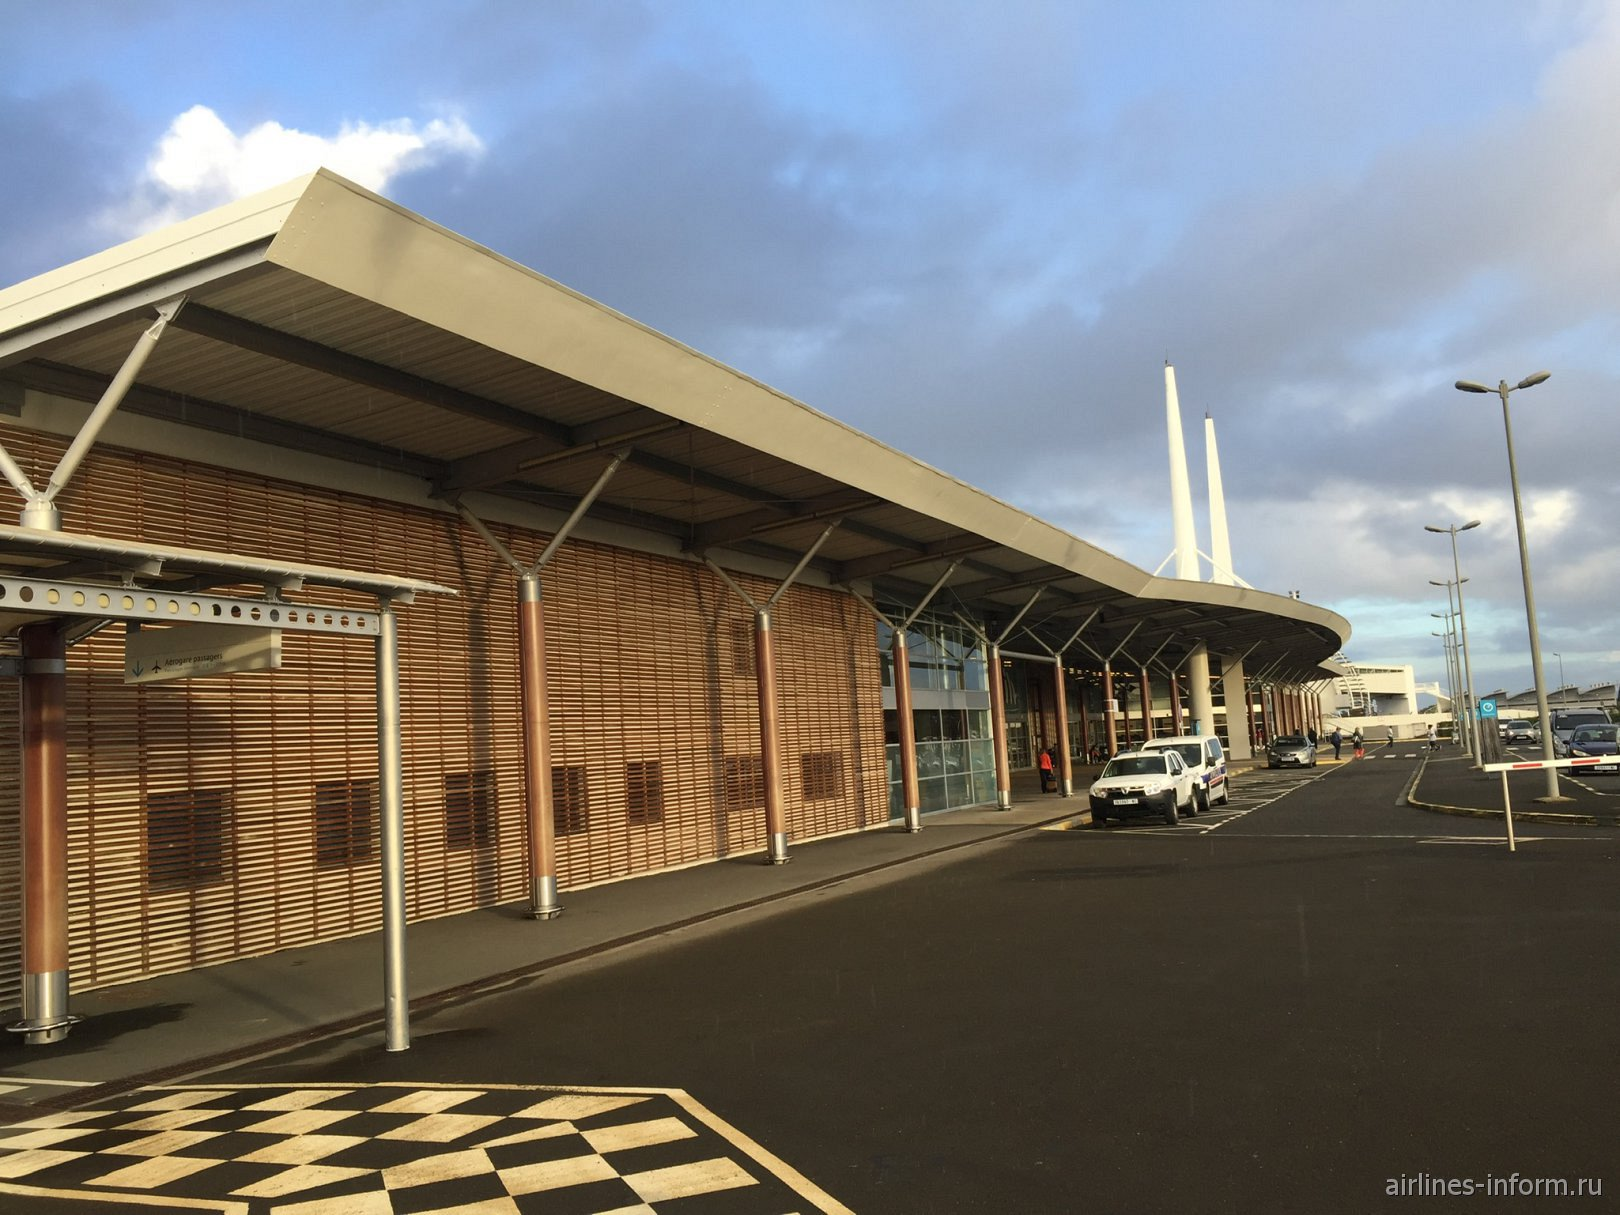 Пассажирский терминал аэропорта Нумеа Ла-Тонтута